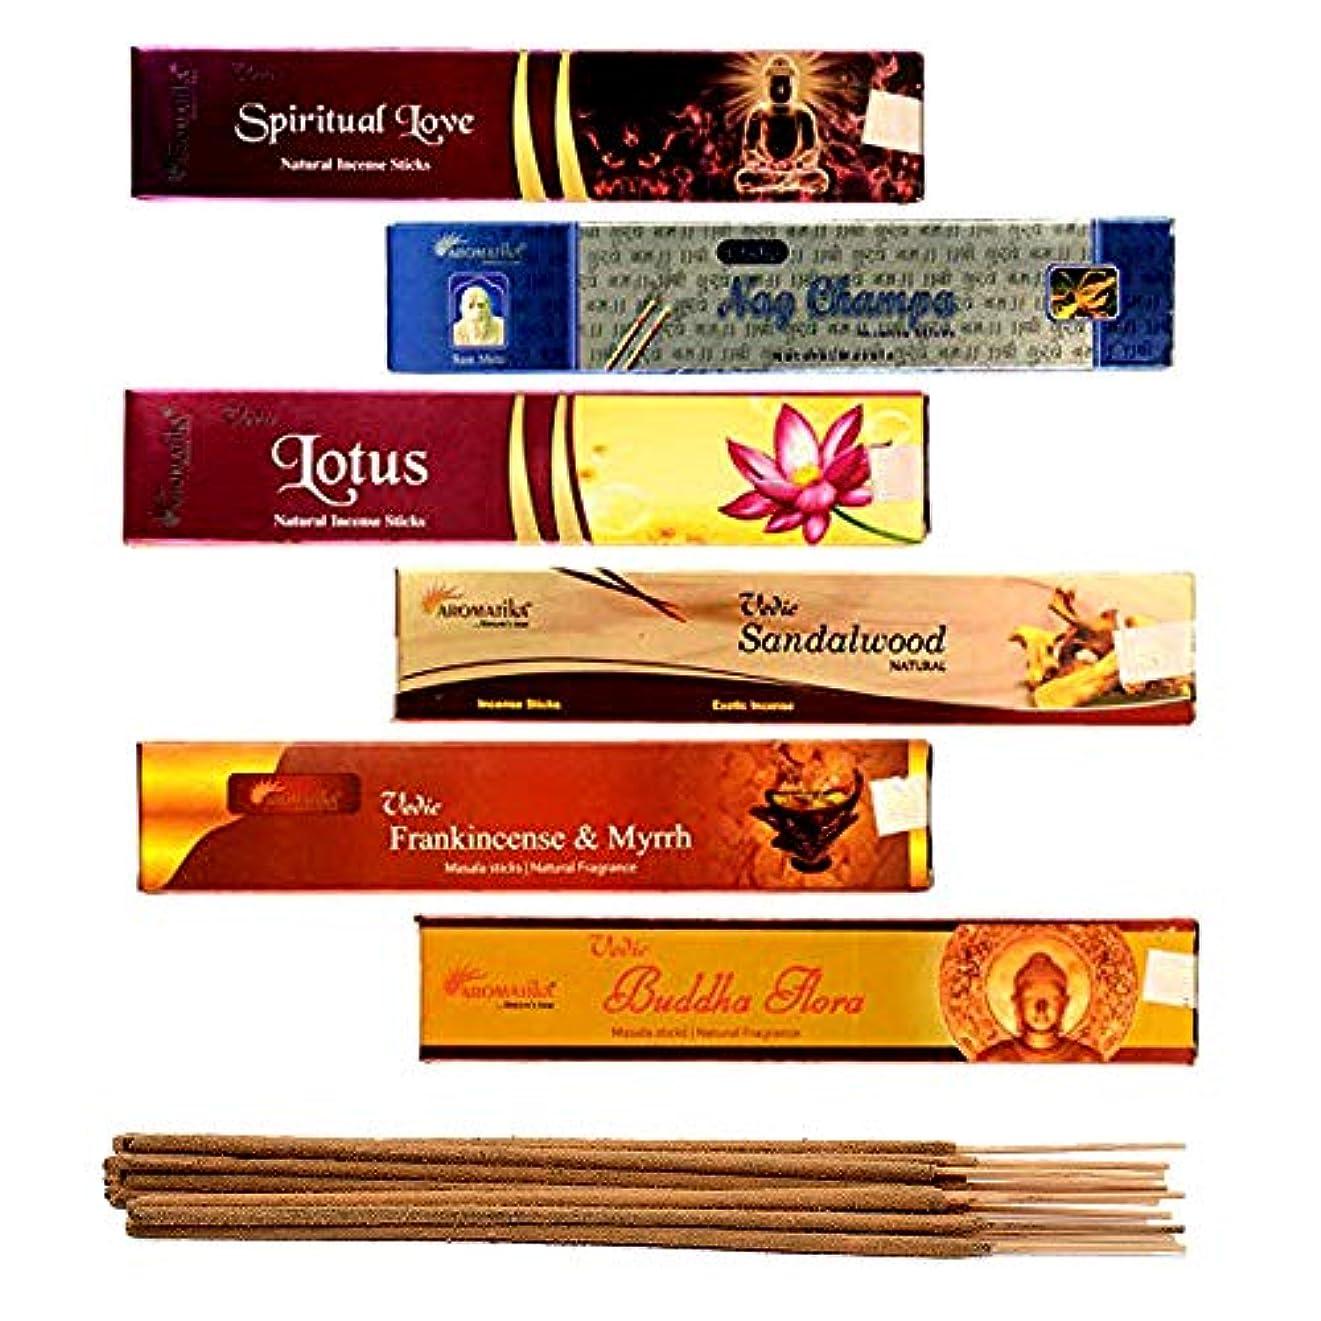 生き残りアルミニウム暗殺するaromatika 6 Assorted Masala Incense Sticks Vedic Nag Champa、サンダルウッド、ブッダFlora、ロータス、Frankincense & Myrrh、Spiritual...